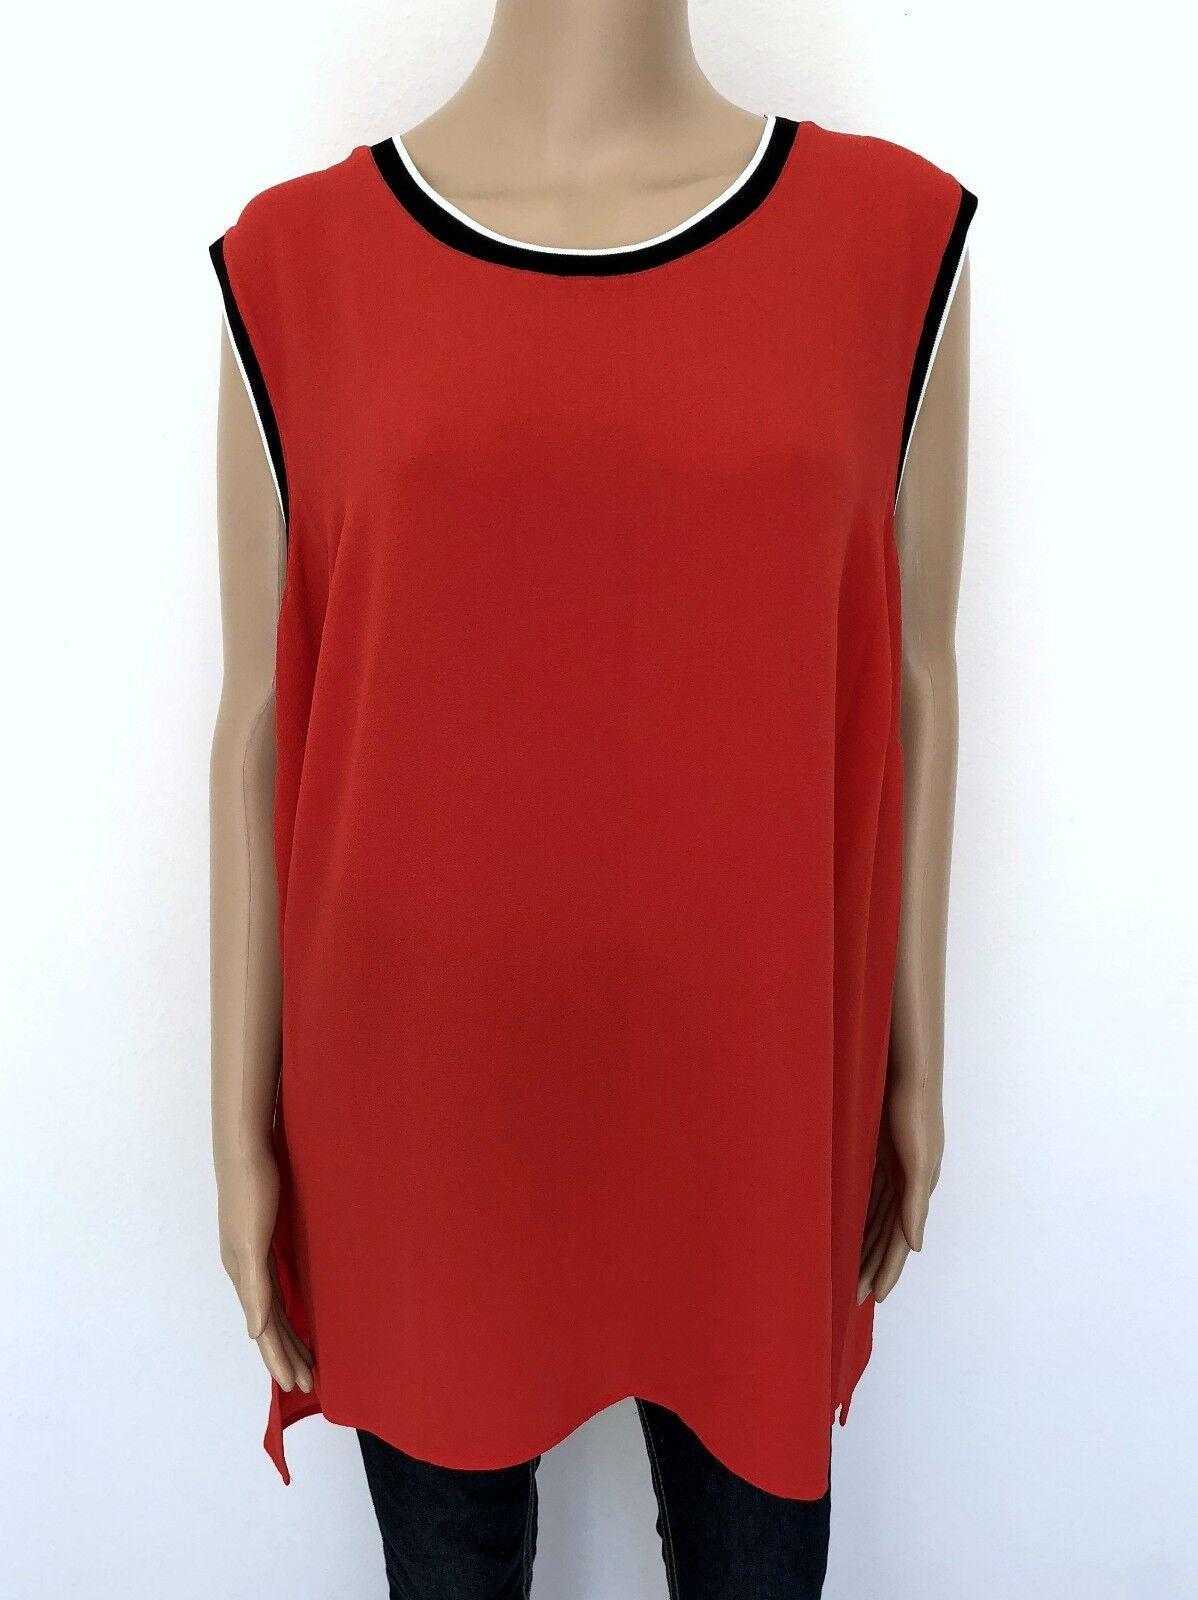 NWT  VINCE CAMUTO Plus Größe 3X Weiß schwarz rot T-Shirt Tee Top Blouse Woherren